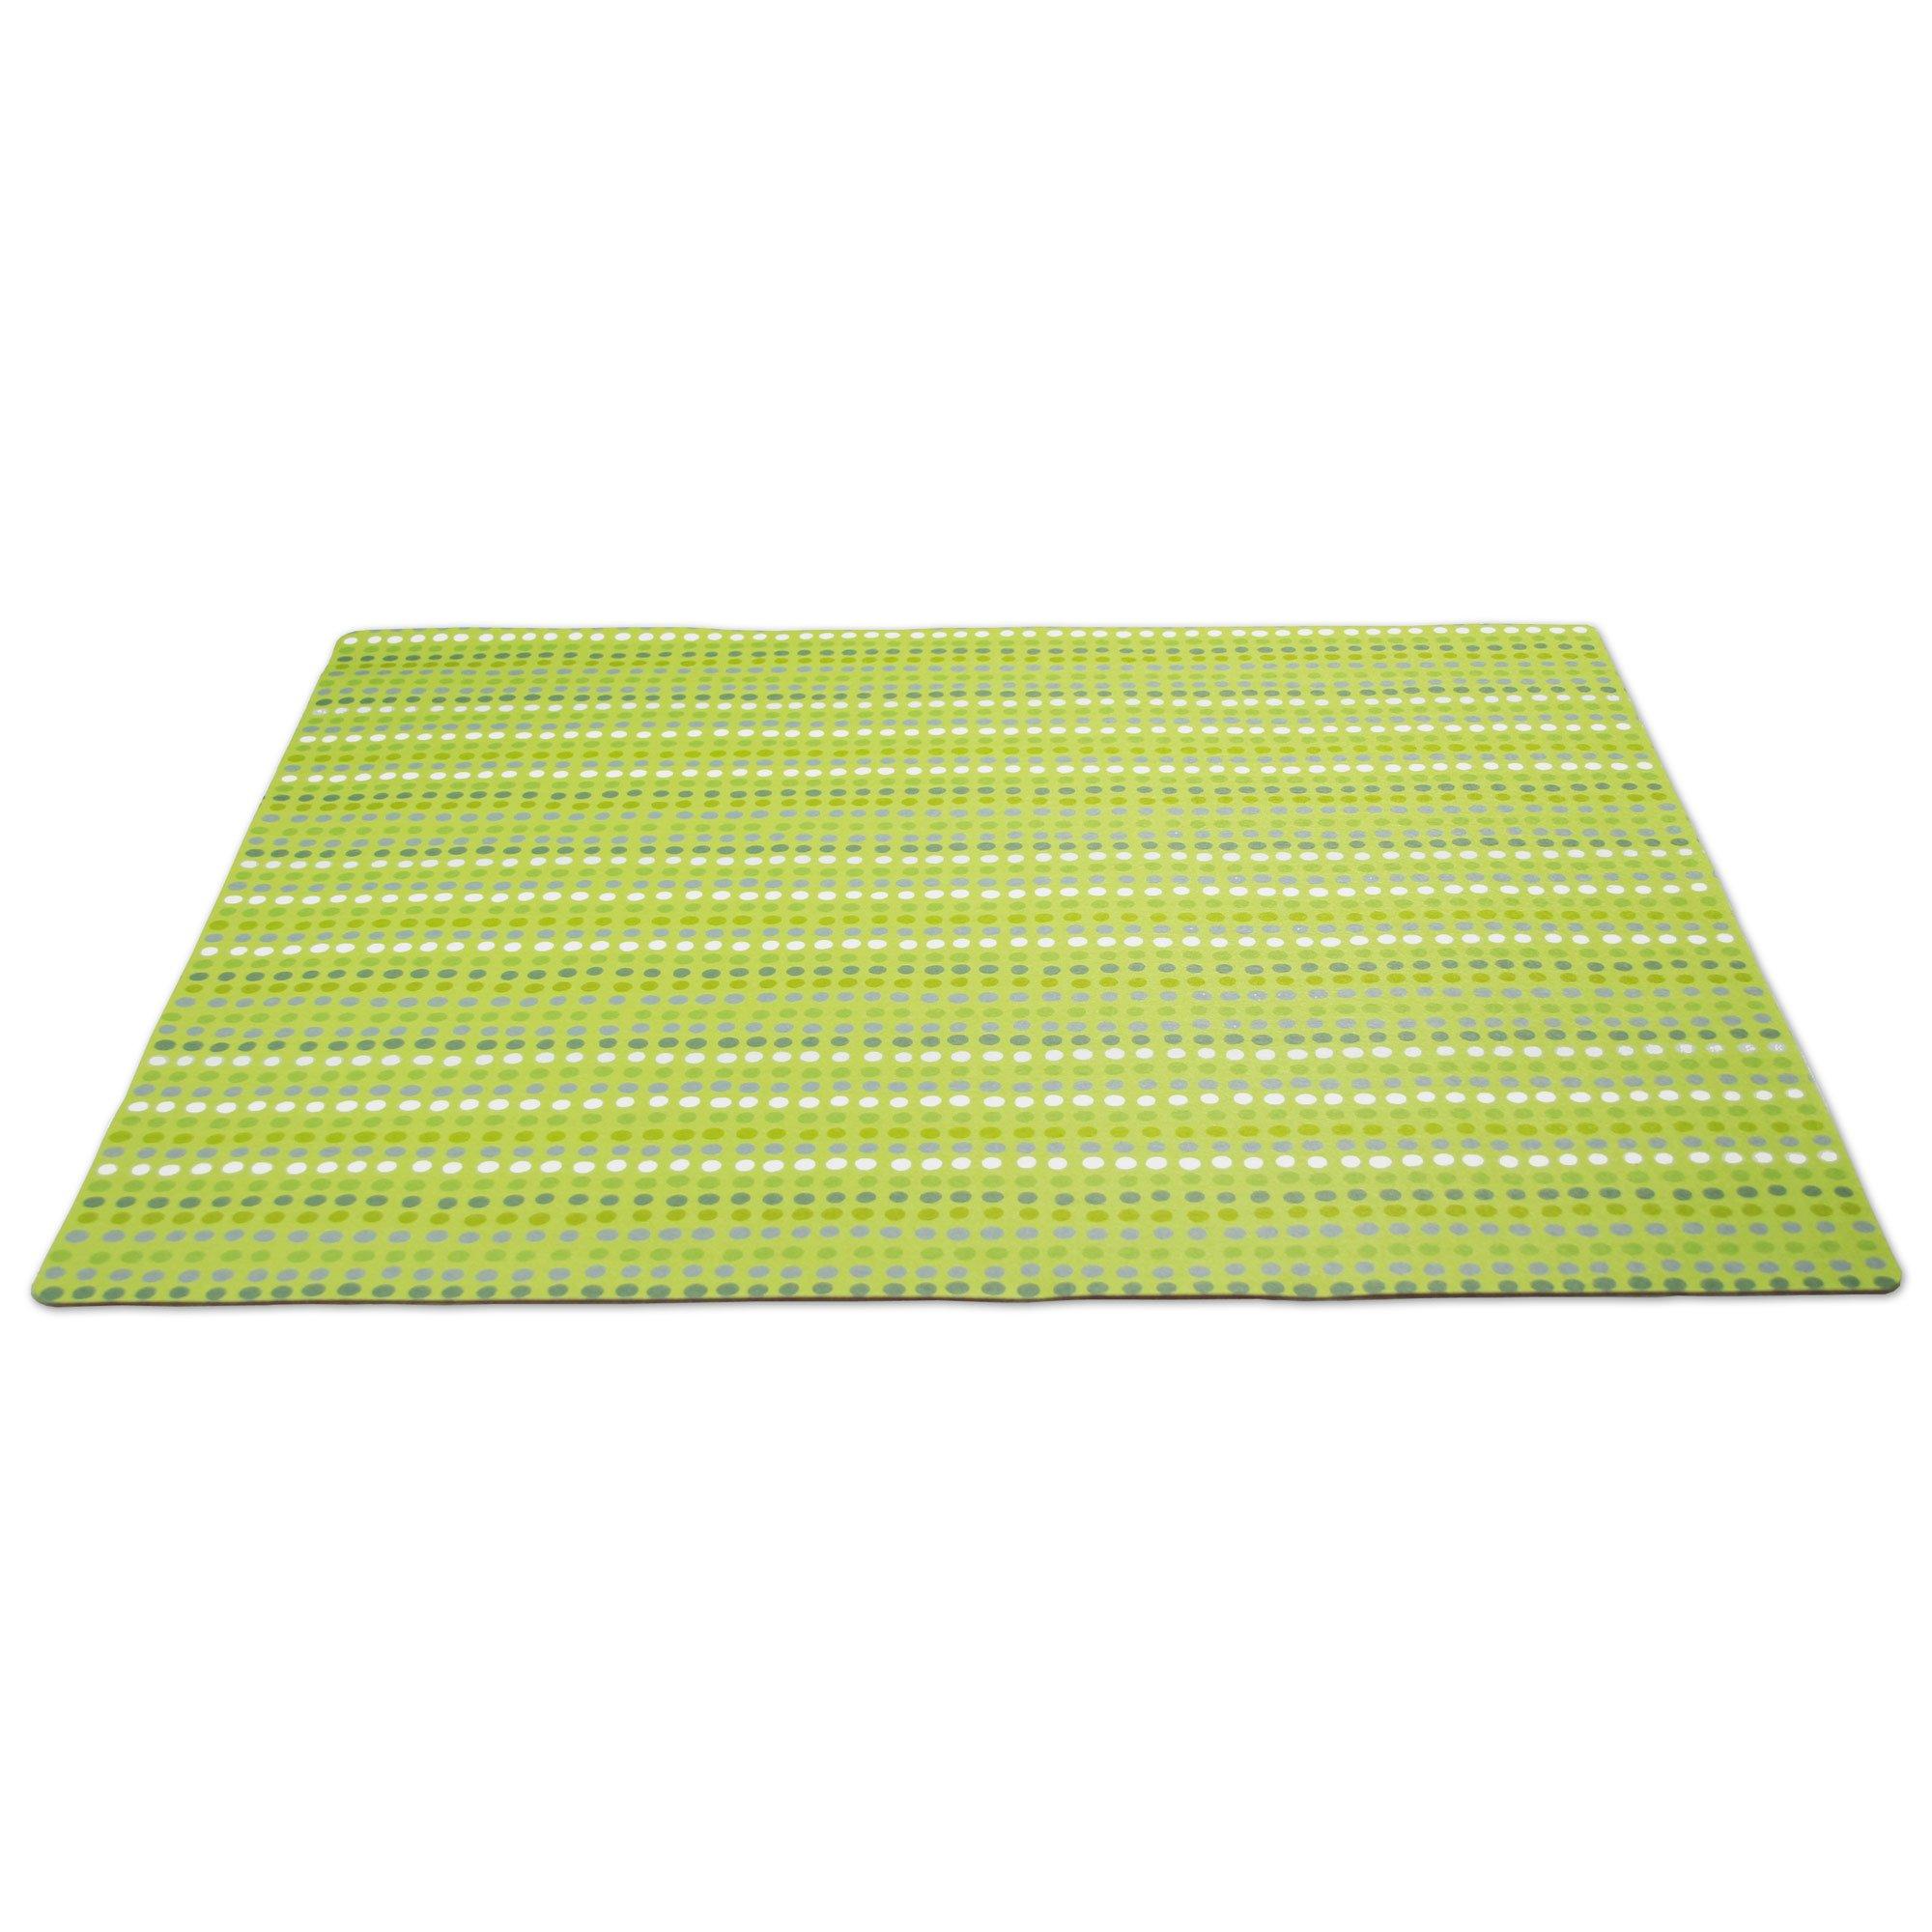 Drymate Green Dot Cat Litter Mat